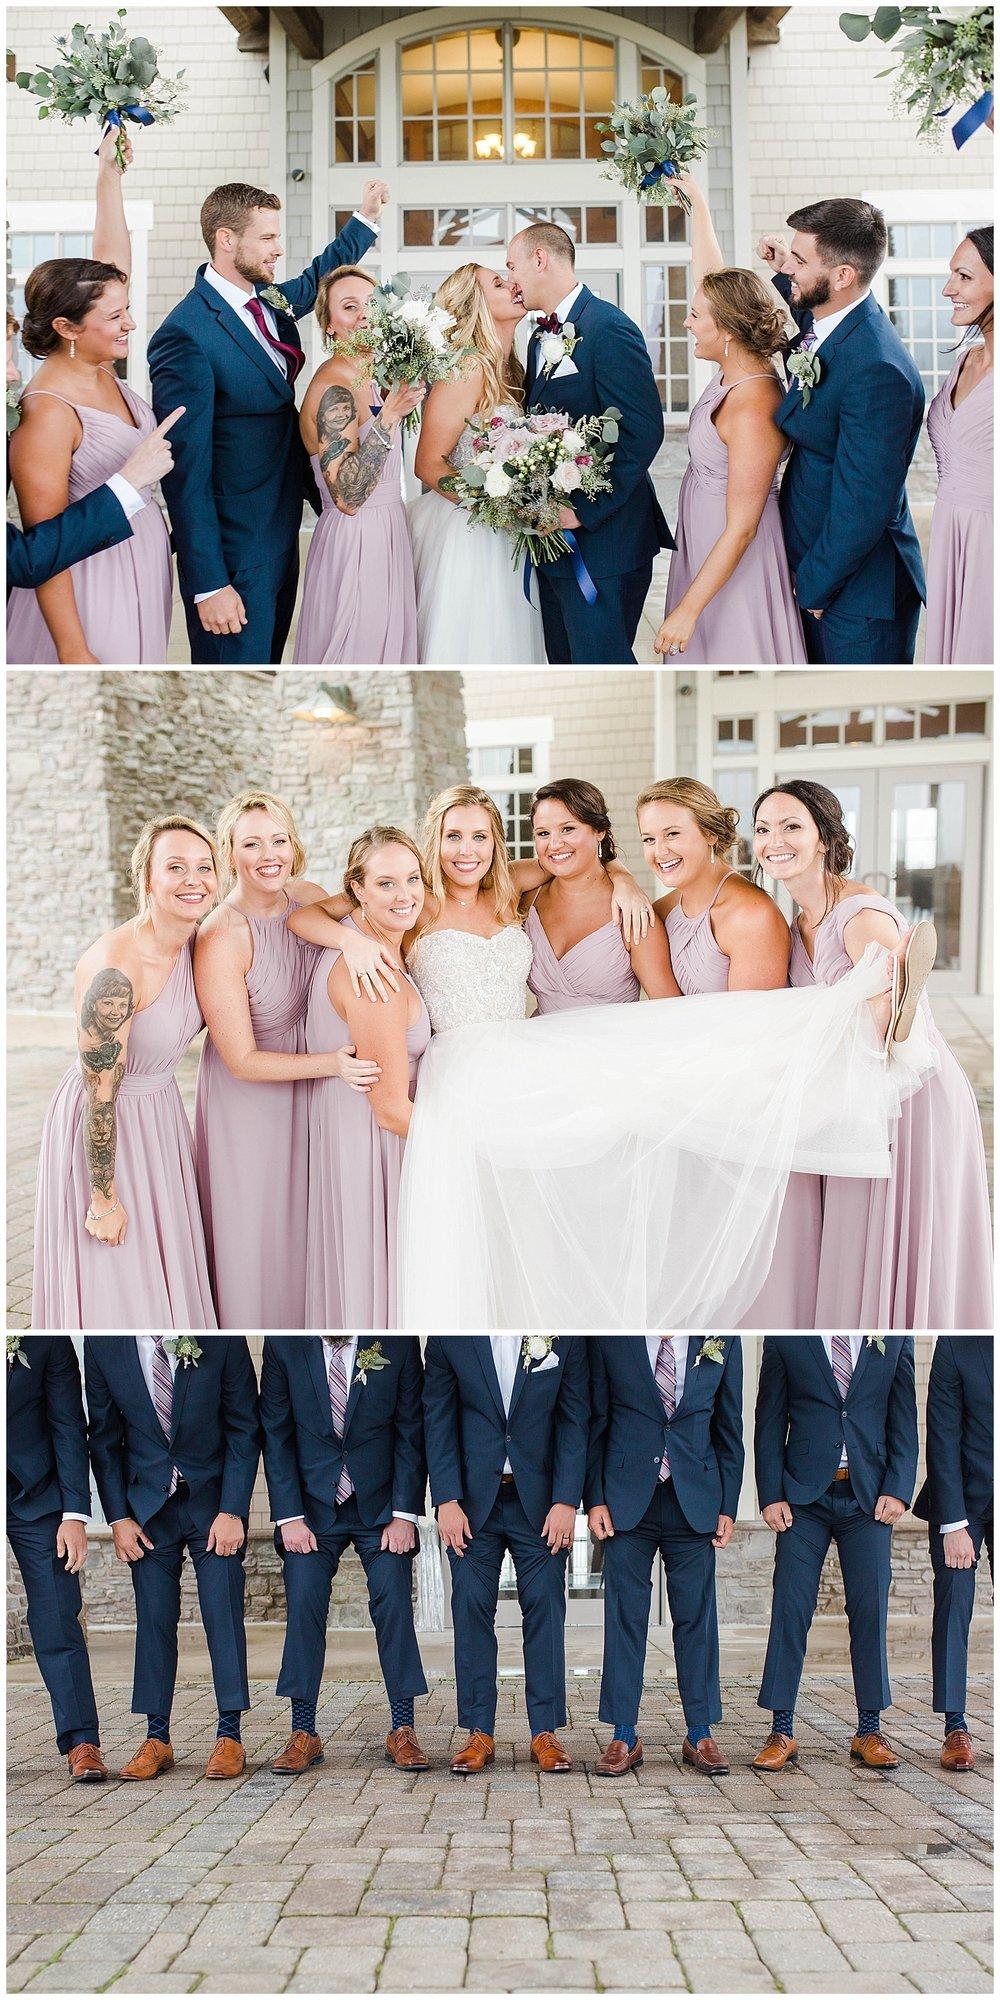 Saiko_Kara_Blakeman_Photography_Snowshoe_Wedding_Wv_2018_51